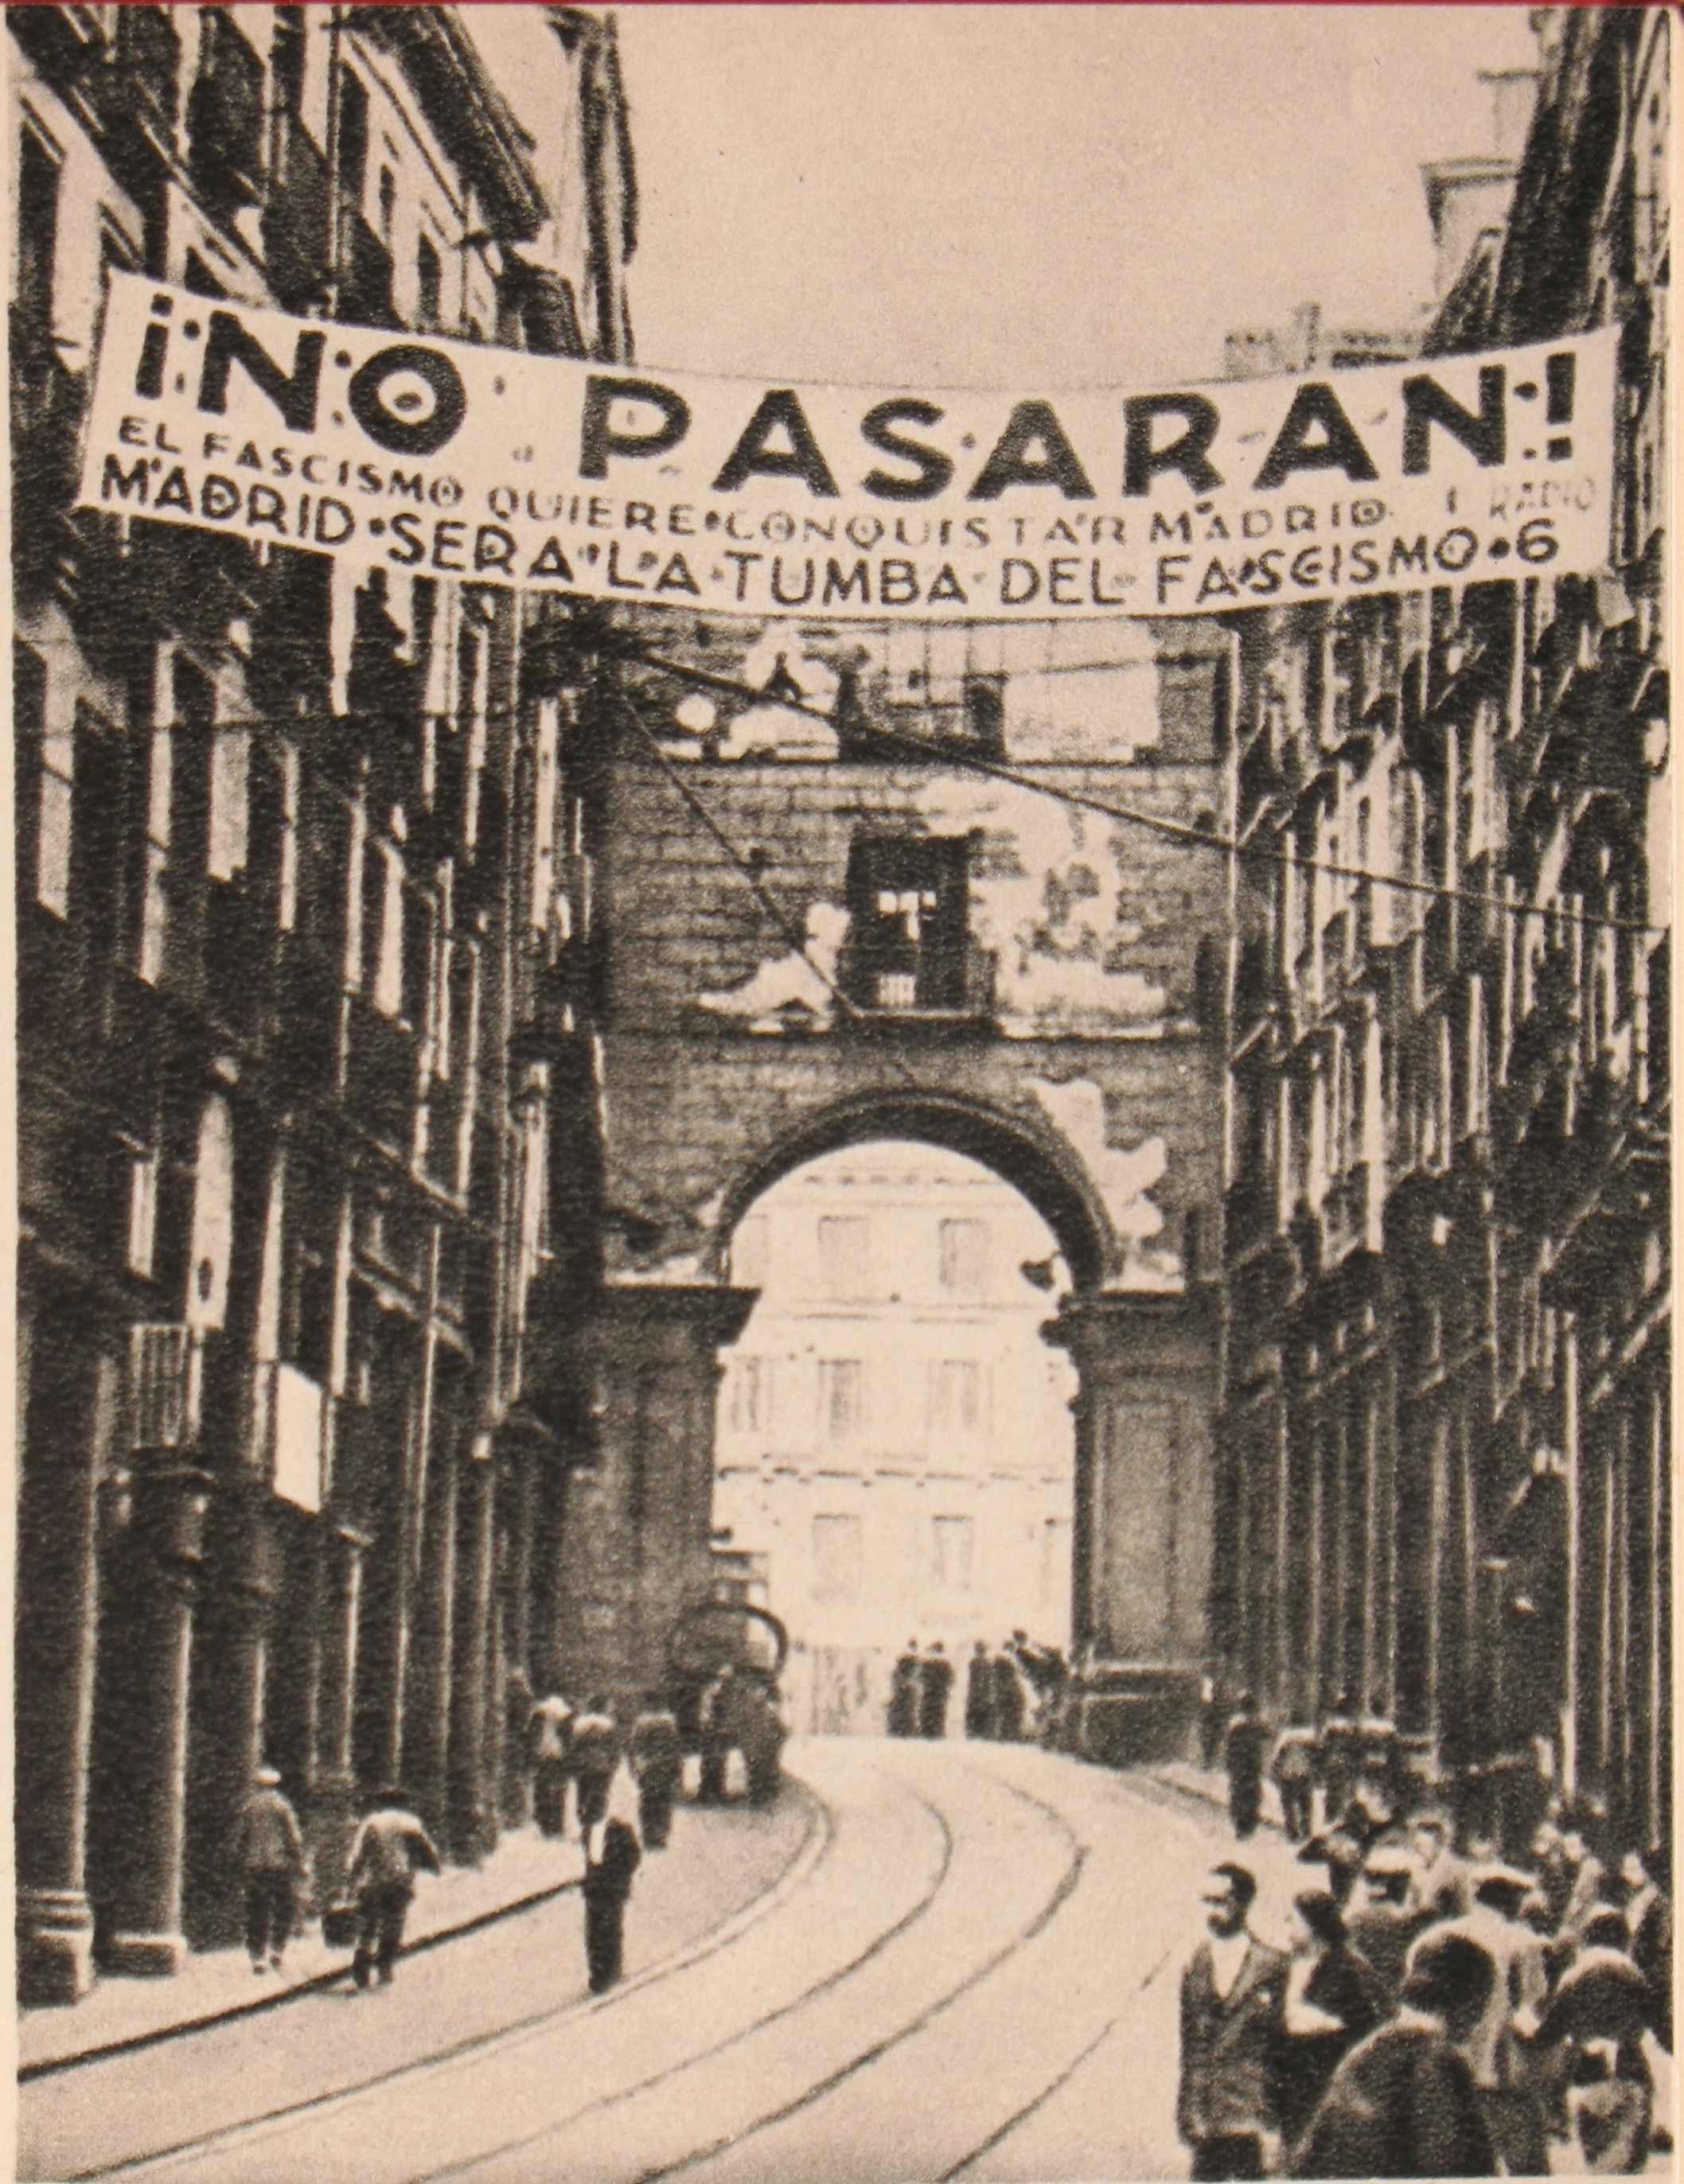 Cartaz republicano em que se lê, em uma rua de Madri: